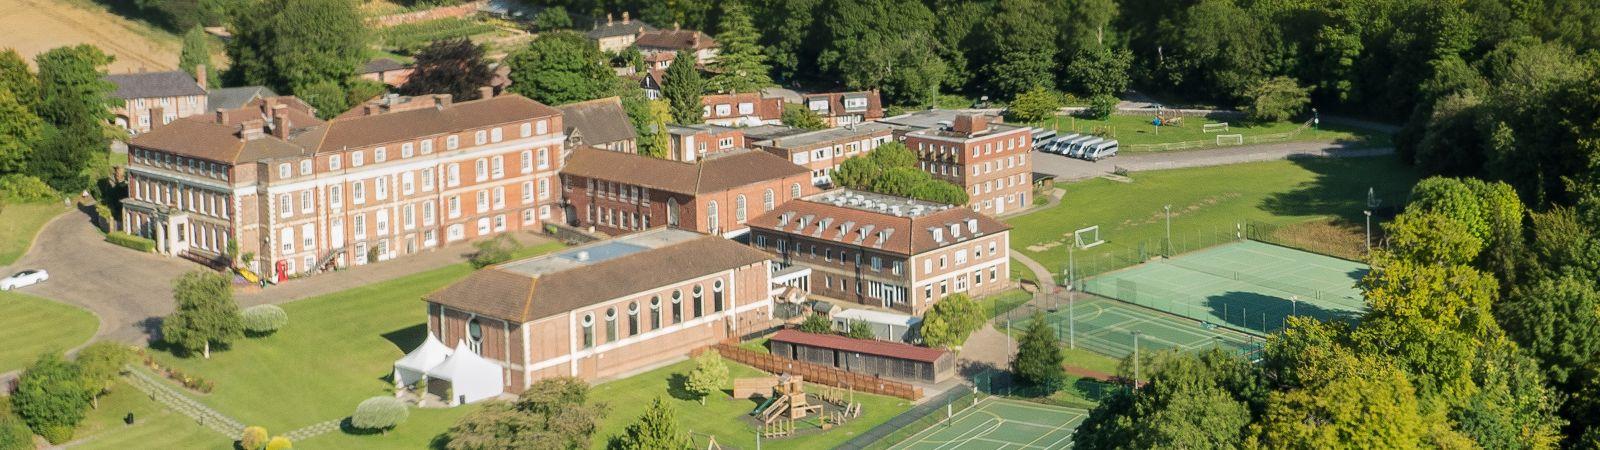 Foto von Windlesham House School